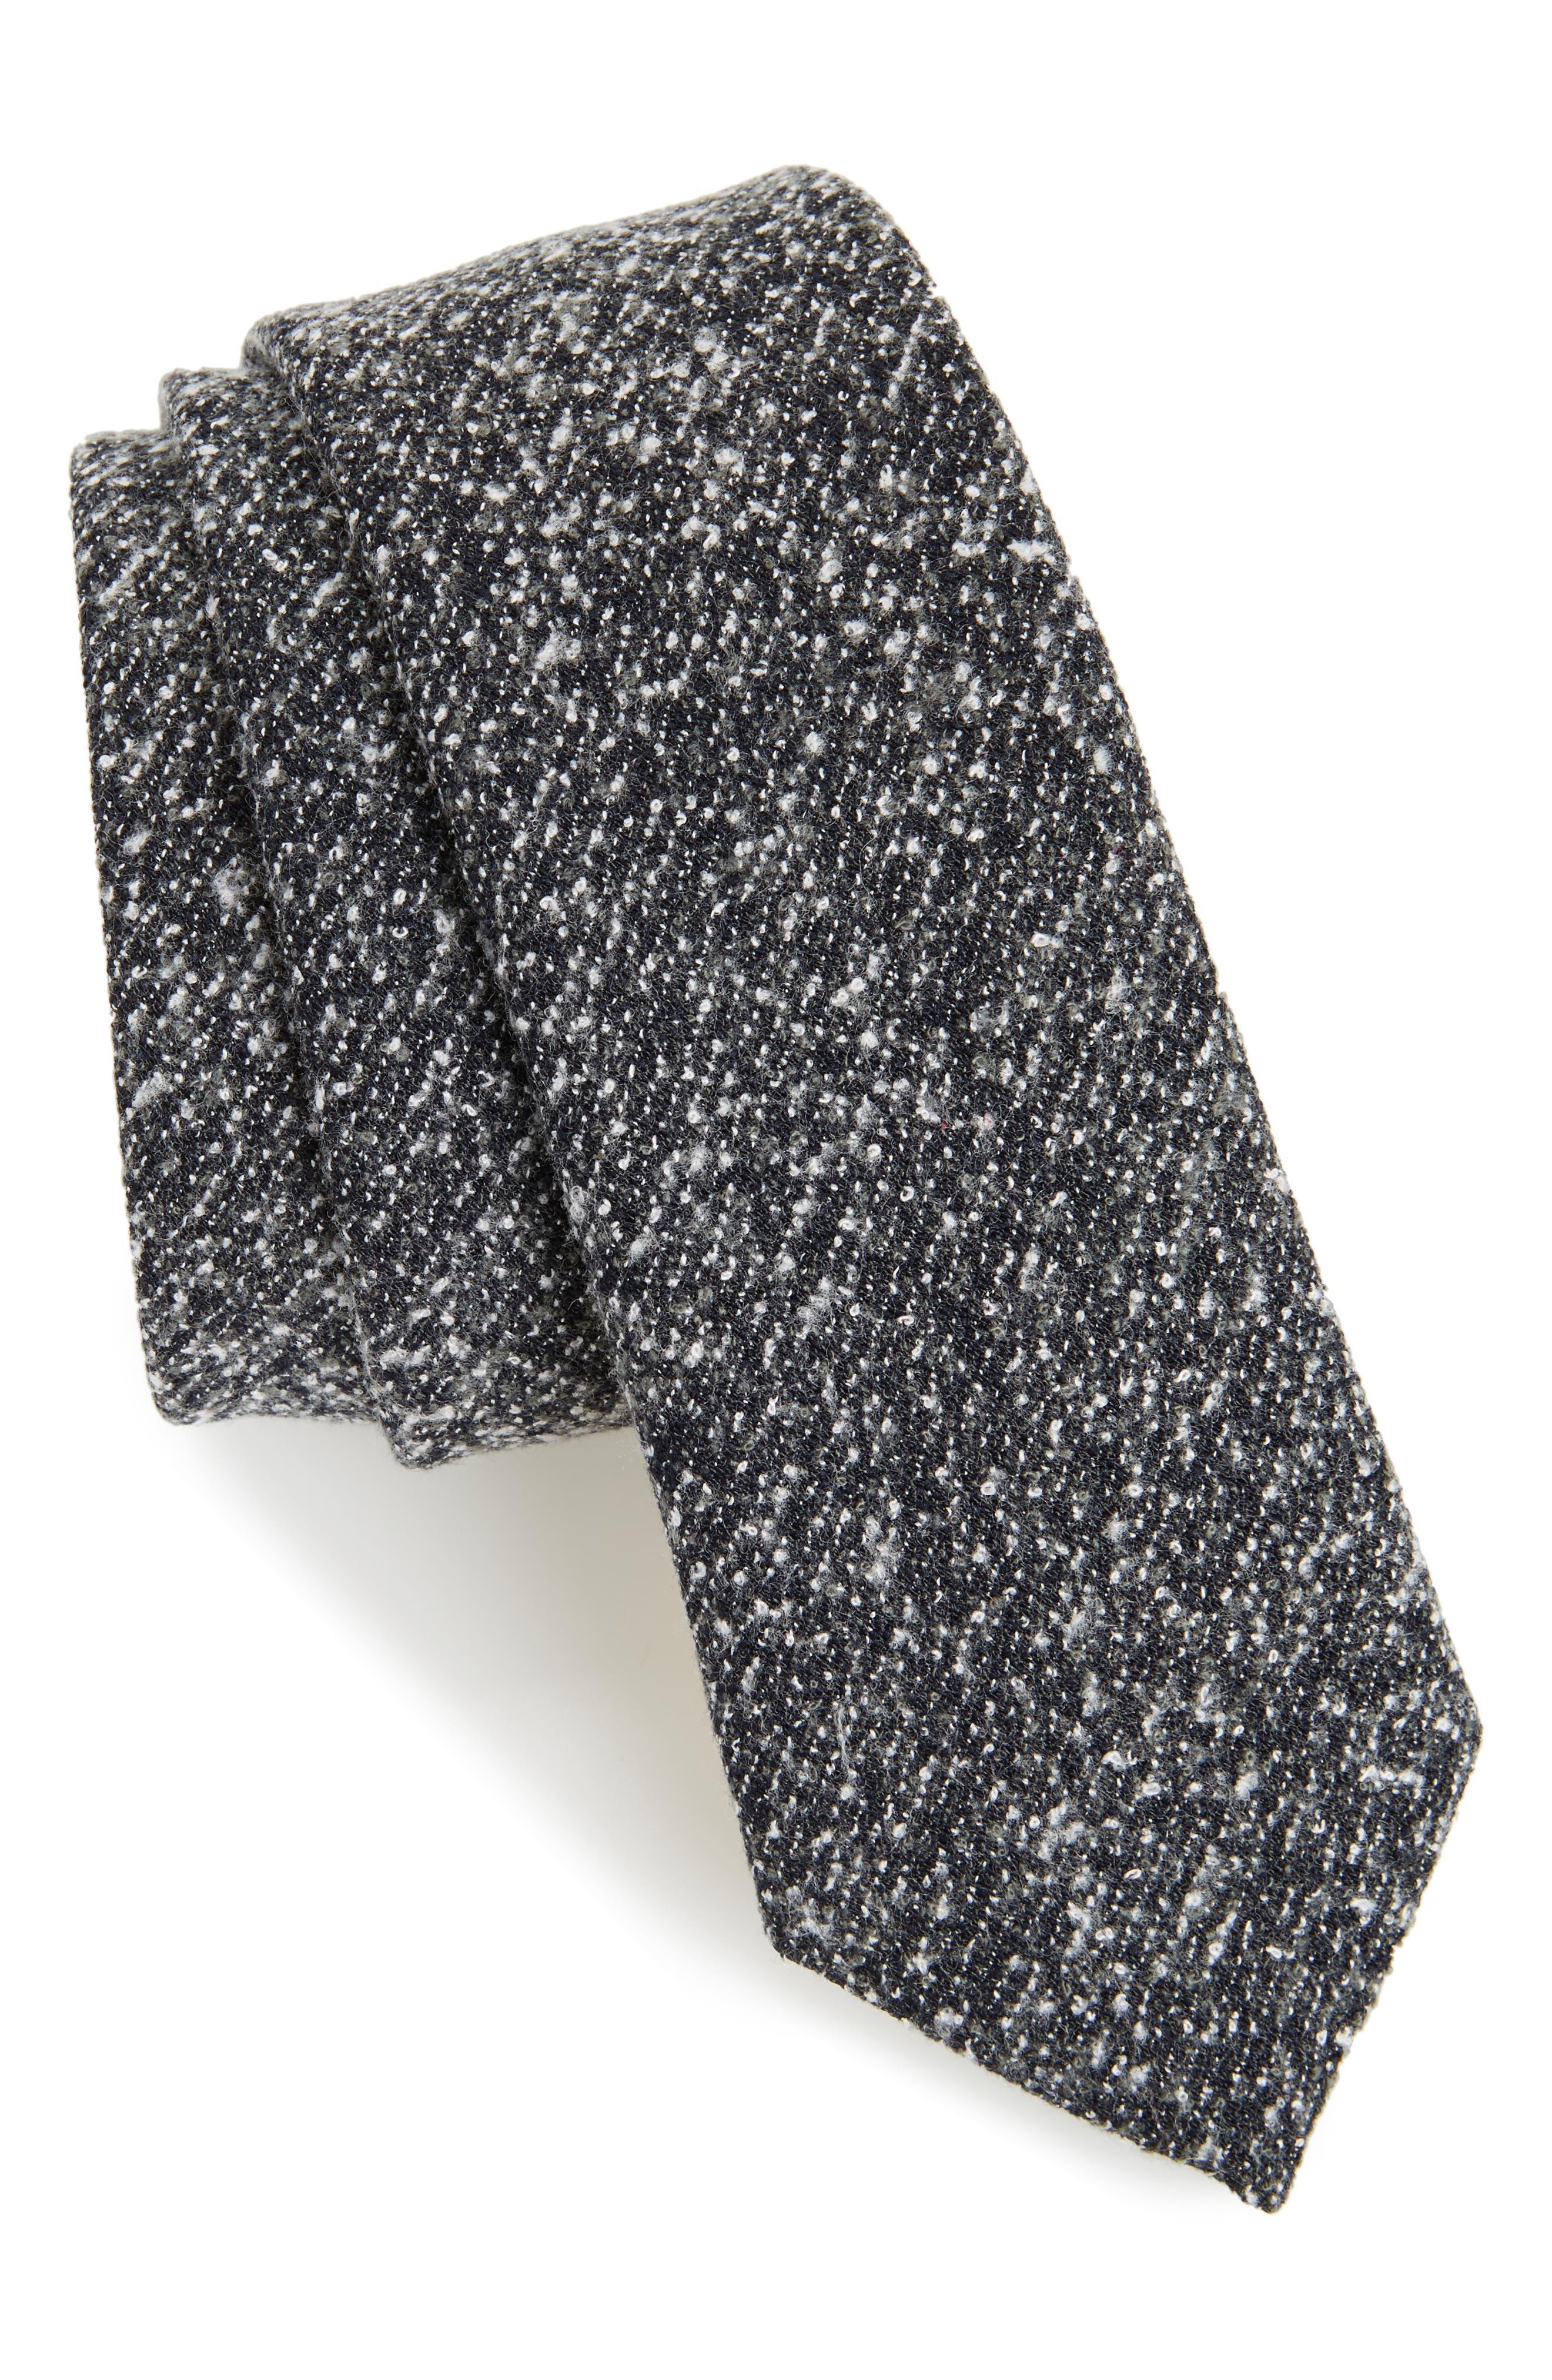 Topman Salt & Pepper Woven Tie